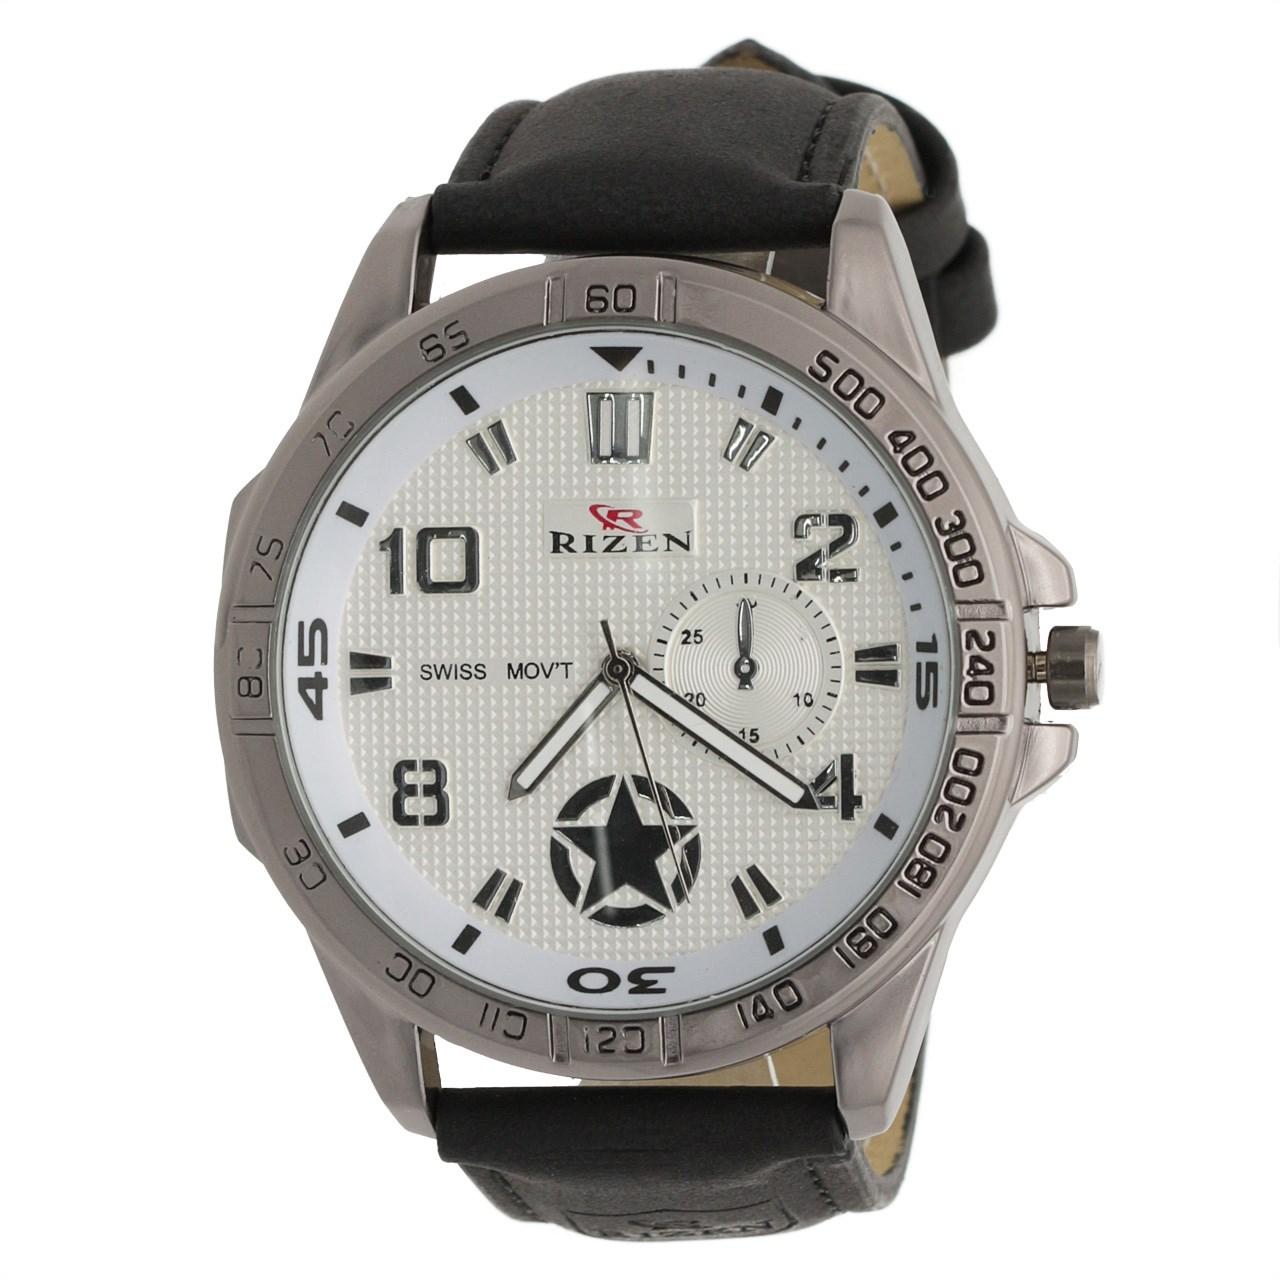 ساعت مچی عقربه ای ریزن  مدل RZ1084